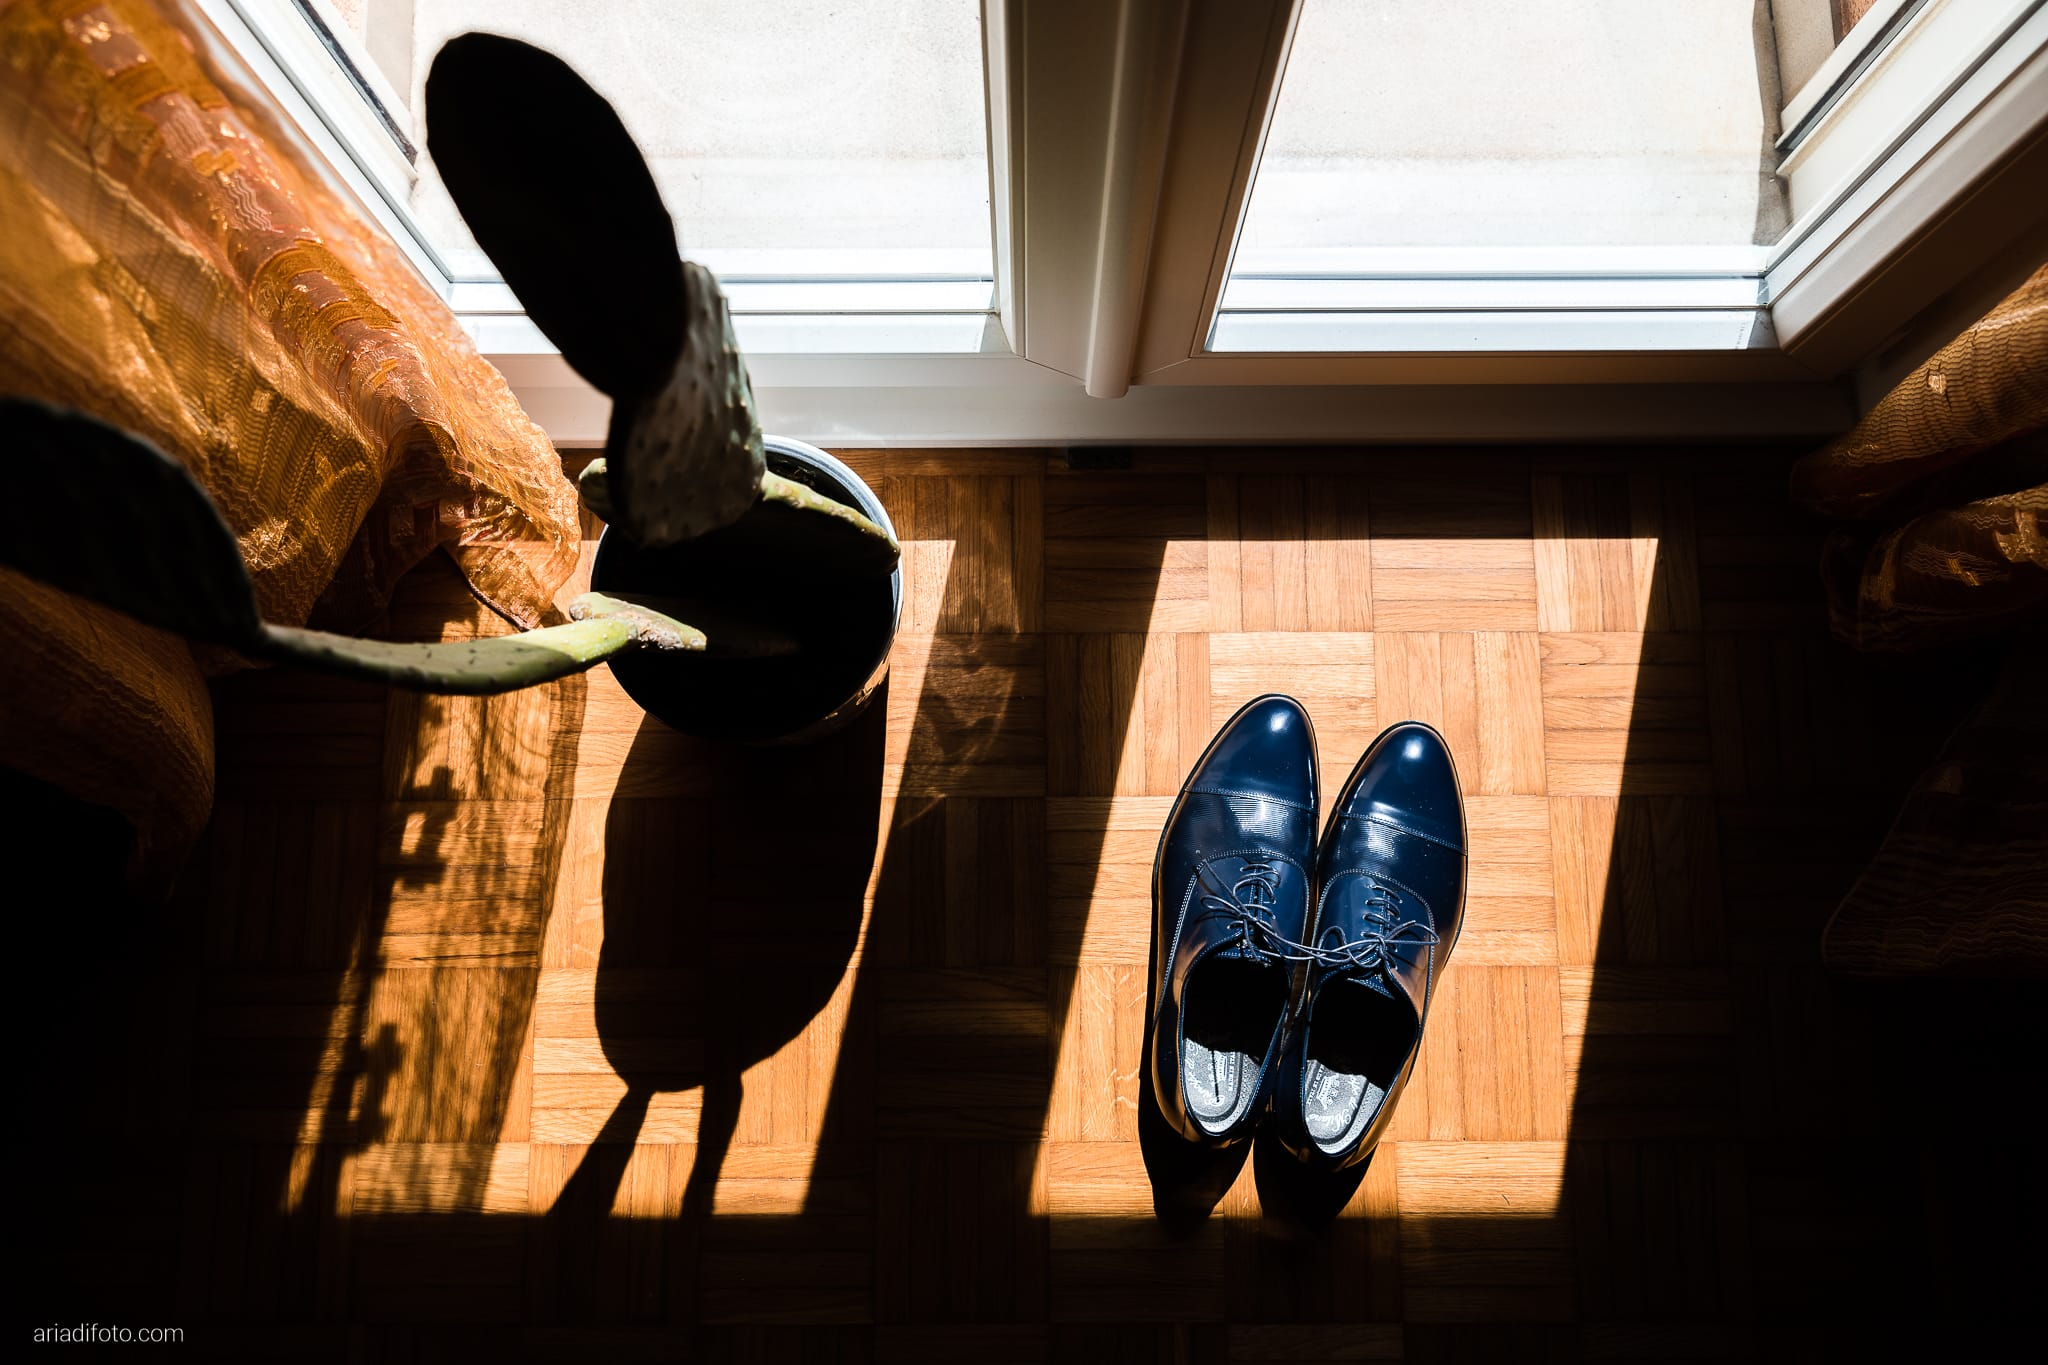 Giorgia Davide Matrimonio Muggia Trieste Baronesse Tacco San Floriano Del Collio Gorizia preparazione sposo dettagli scarpe